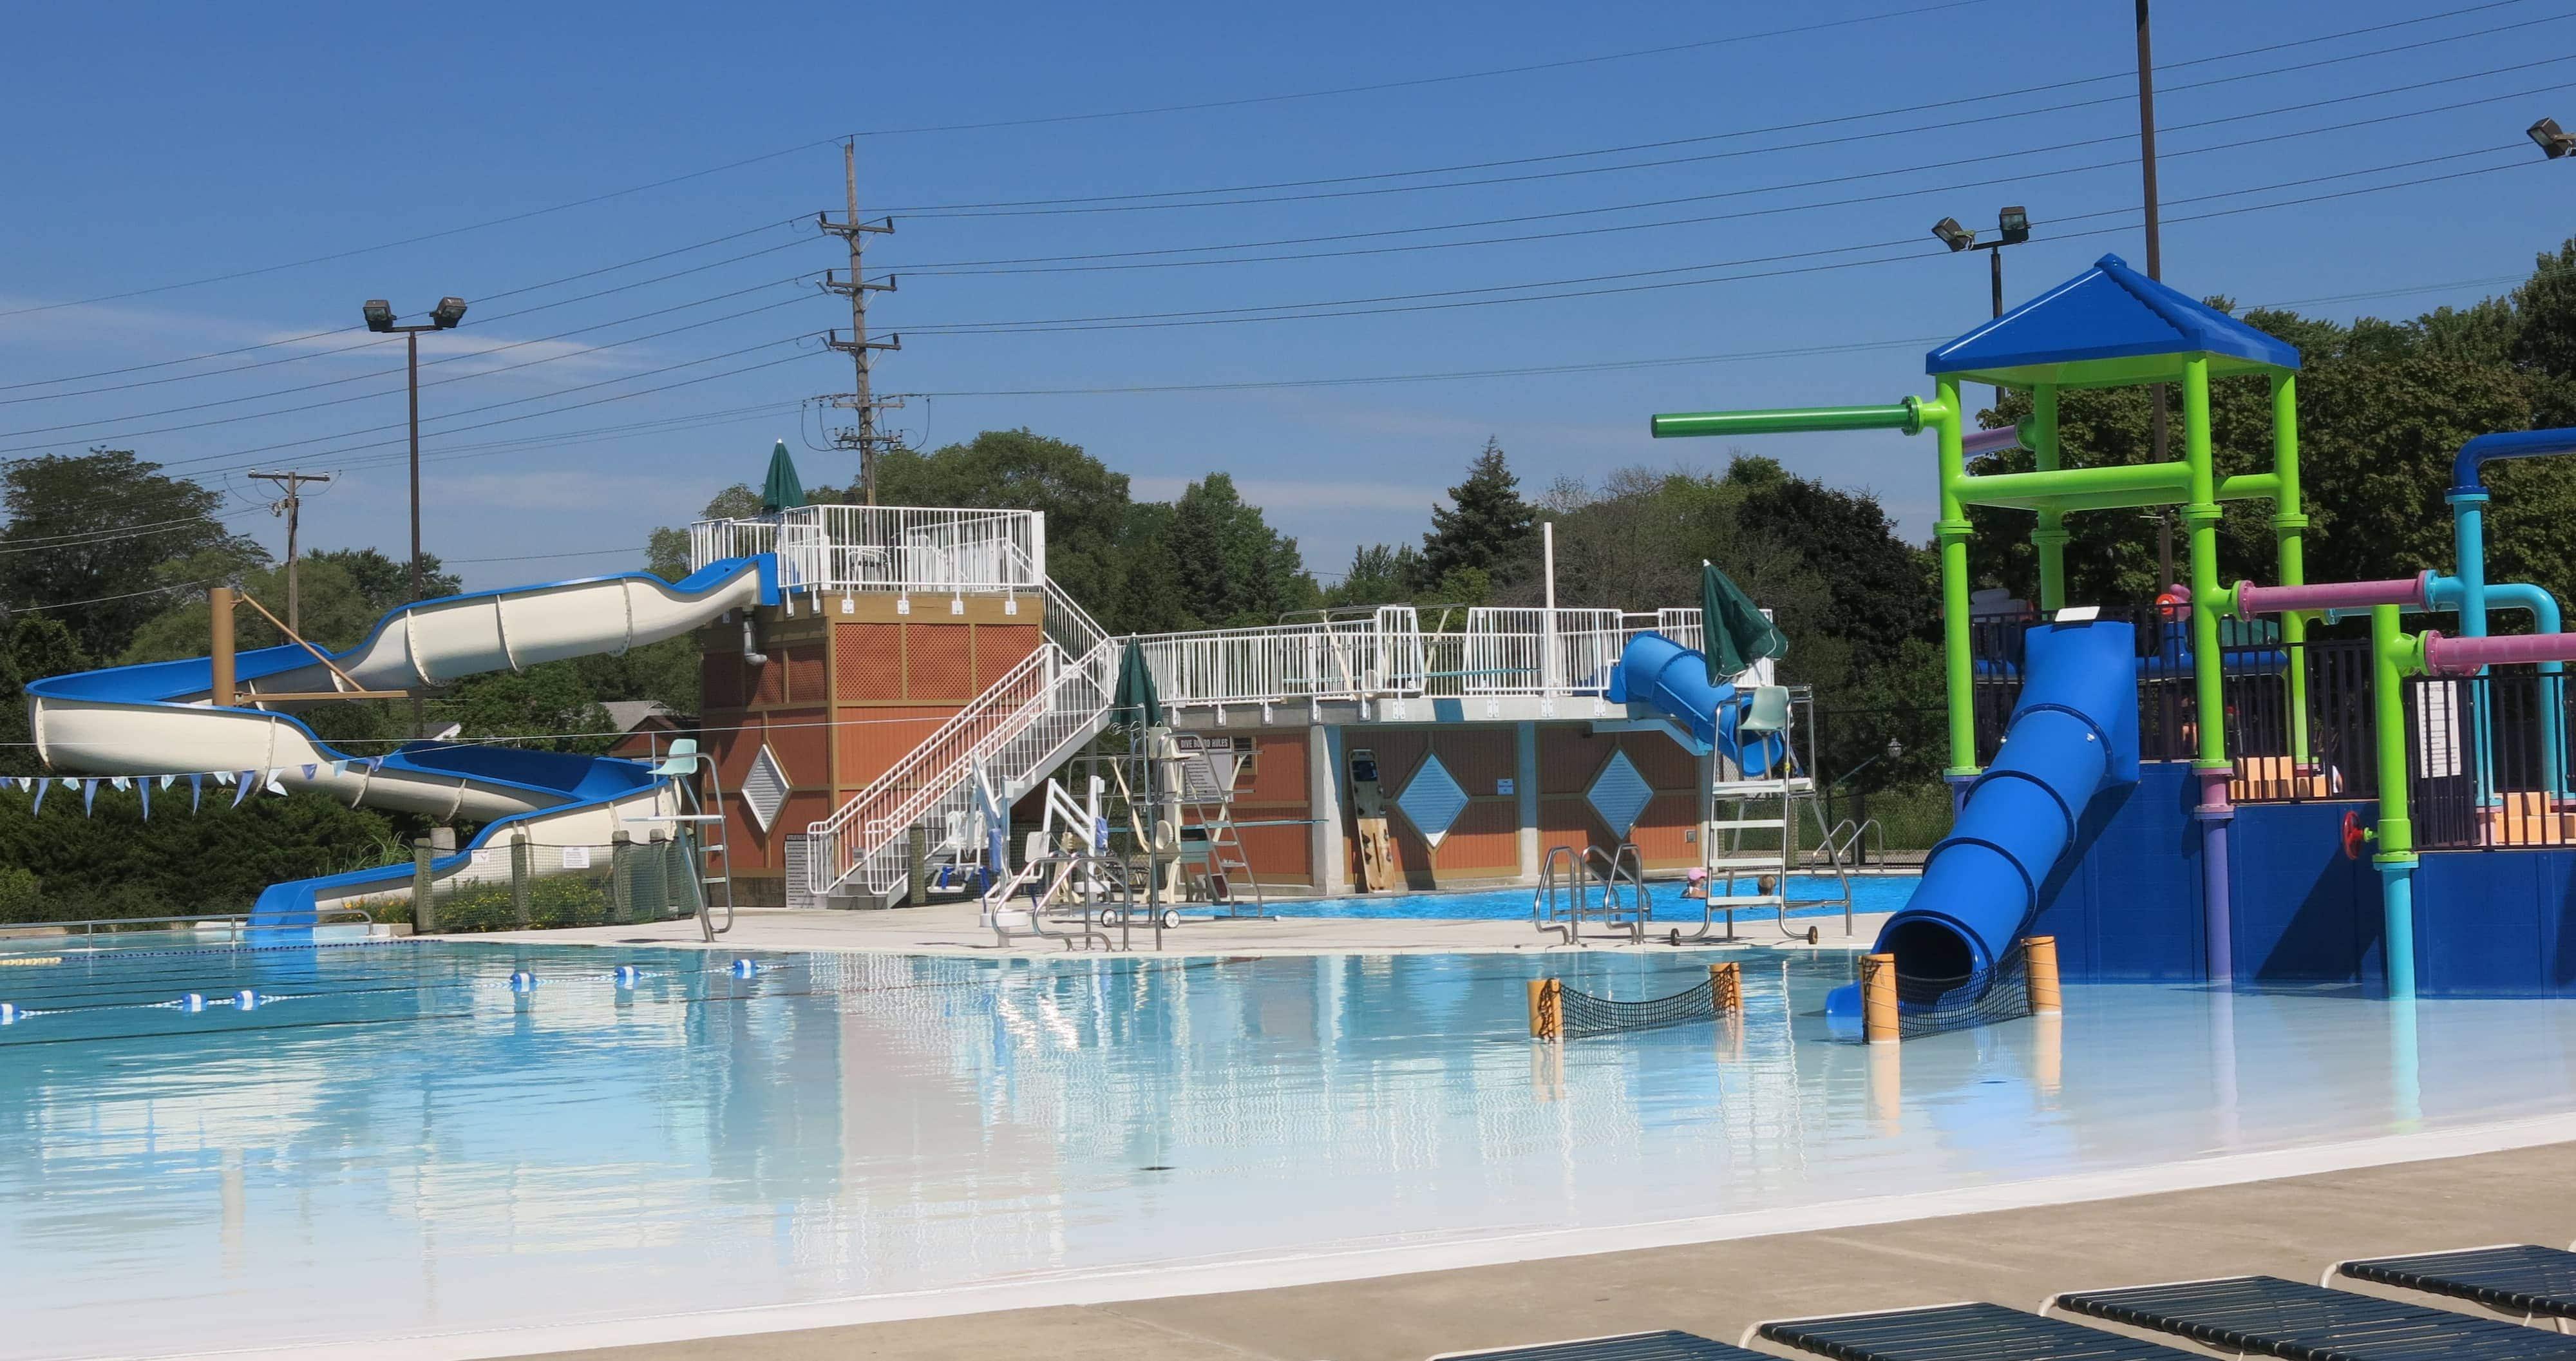 lions park pool in clarendon hills kidlist activities for kids